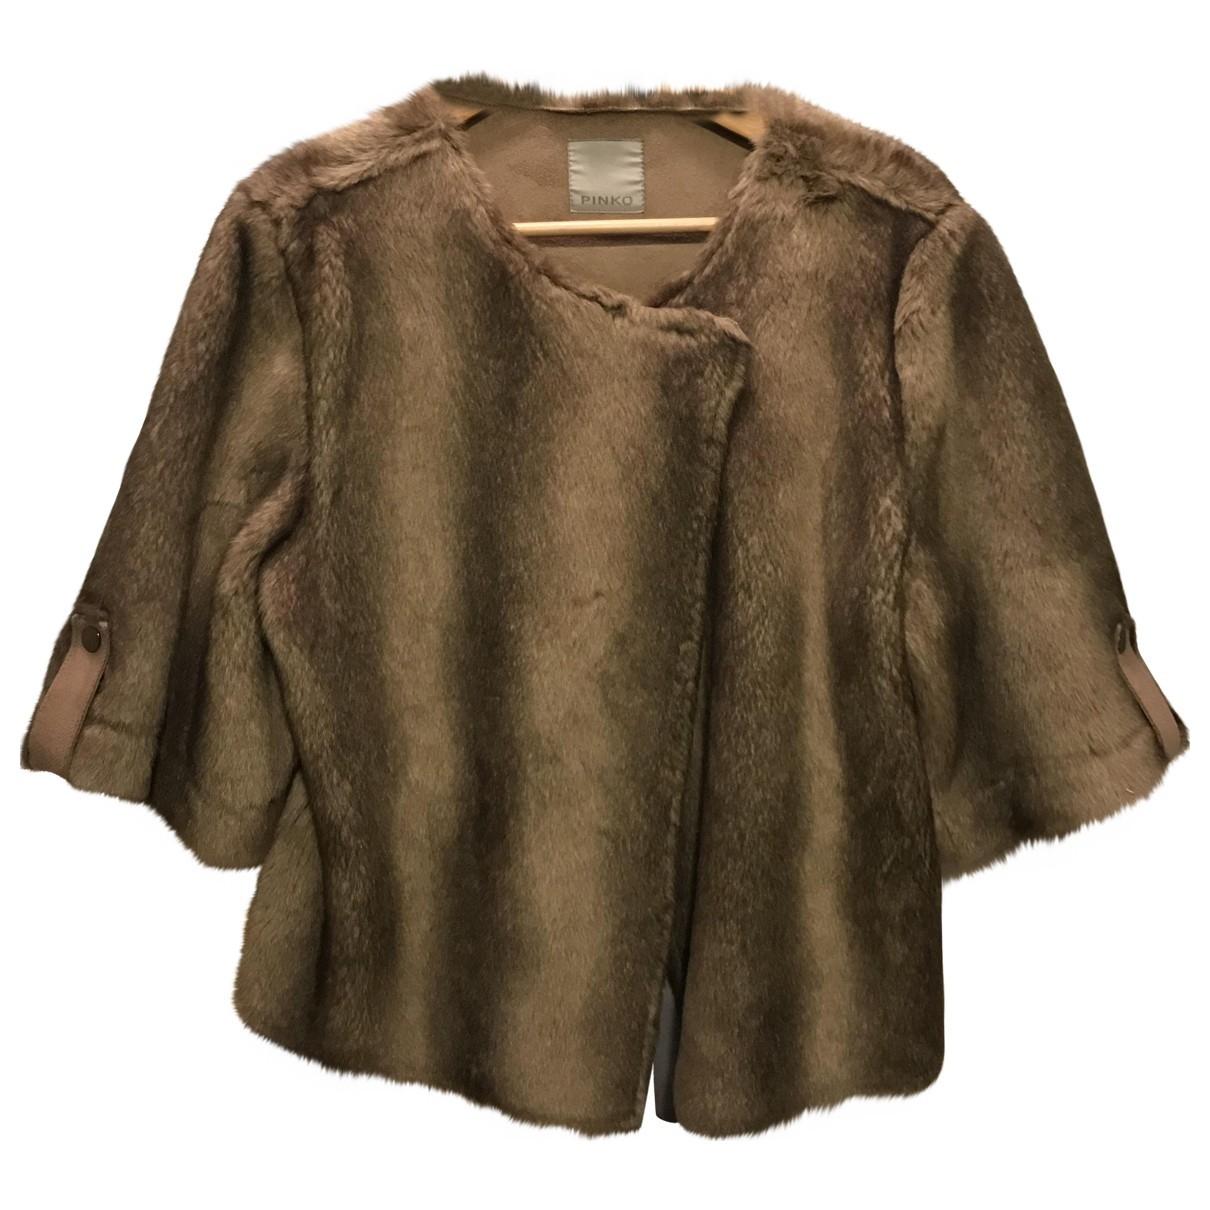 Pinko - Manteau   pour femme en fourrure synthetique - beige